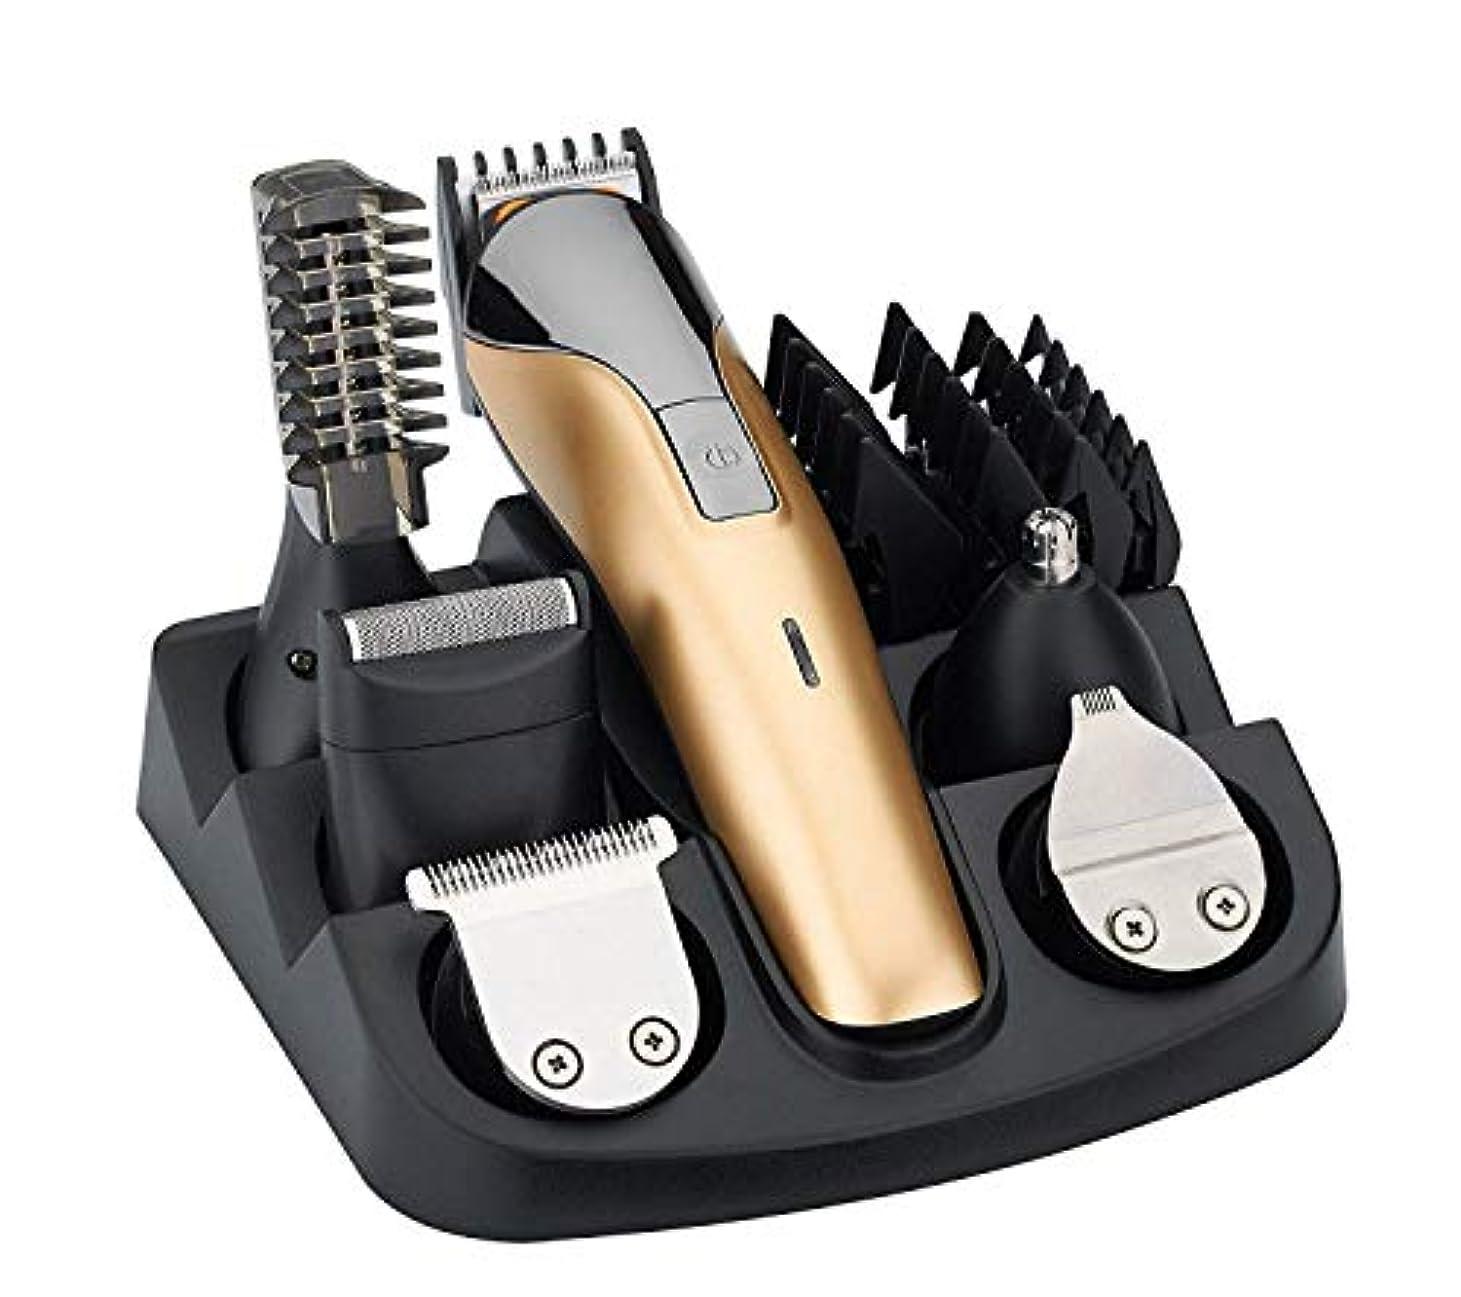 ペストリー槍他にバリカン男性電気かみそりのひげのトリマー、かみそりの鼻の盲目の角度のトリマーの美容師セット多機能電気バリカンバリカン